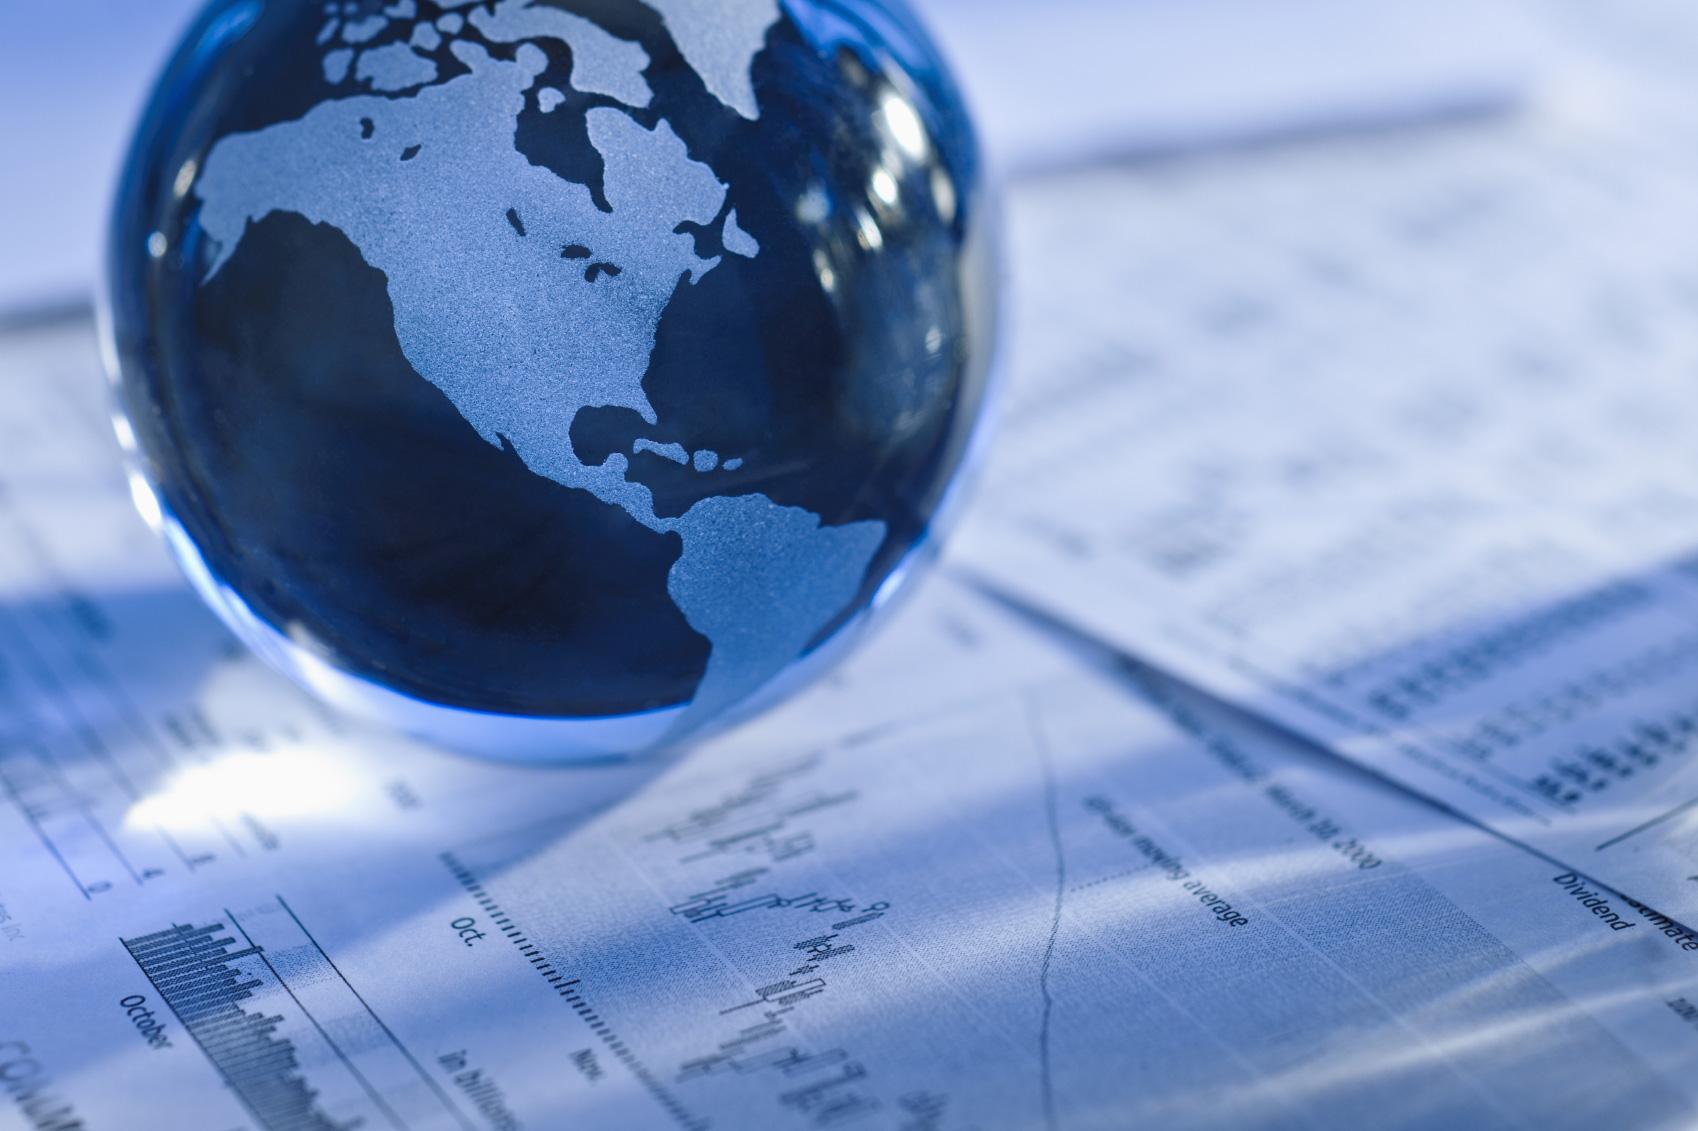 Las reglas en materia de comercio exterior - Reglas generales de comercio exterior 2017 ...